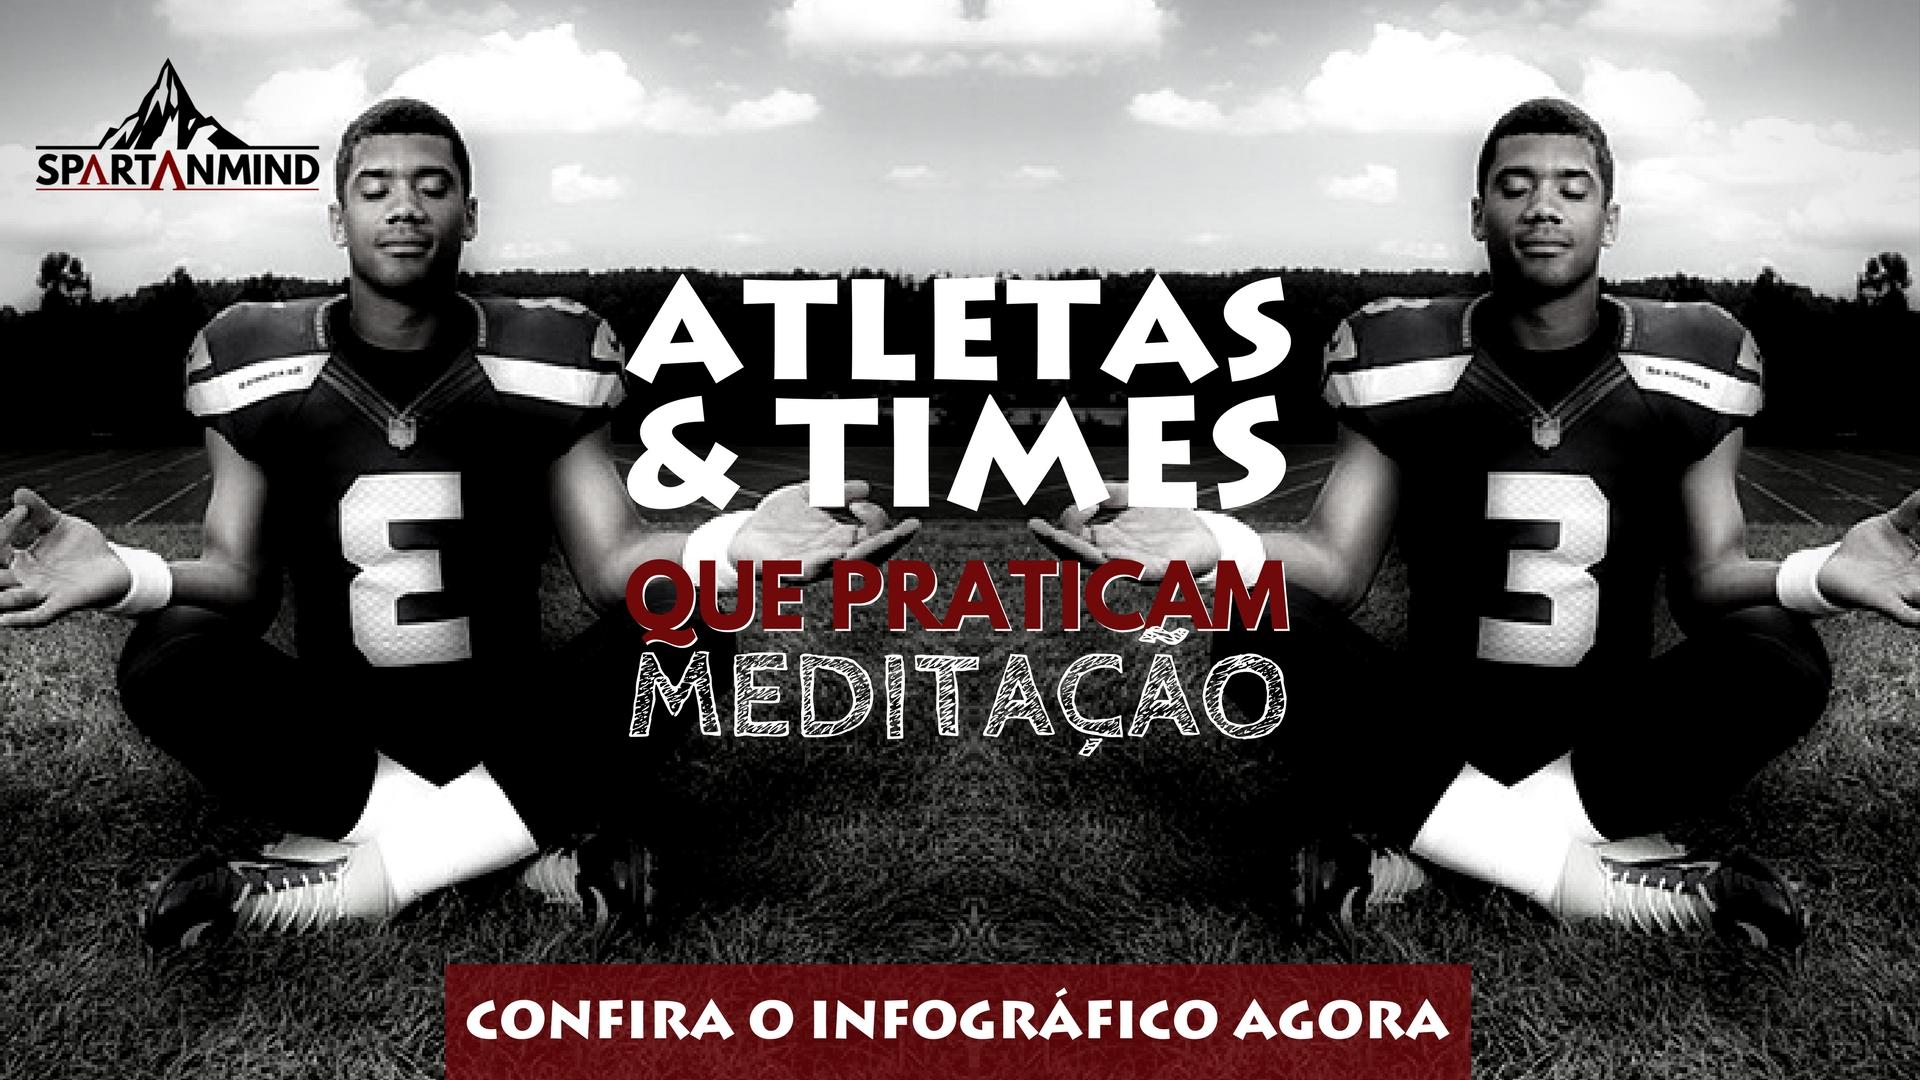 Capa Atletas e Times que Meditam